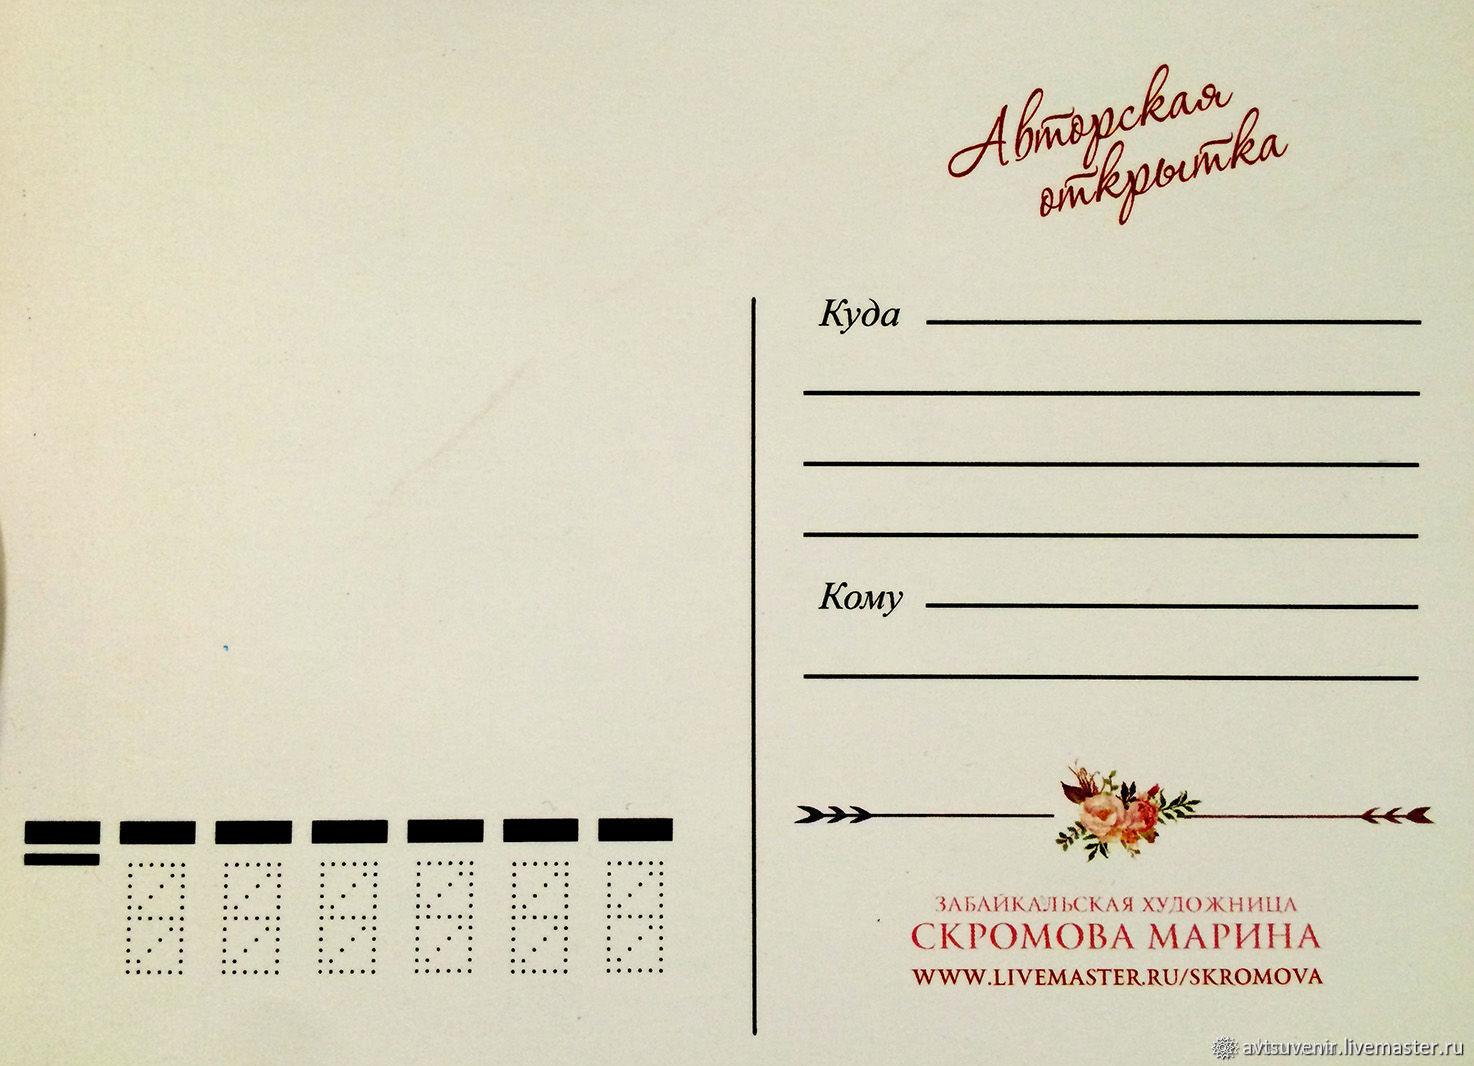 Просто, создать почтовую открытку онлайн